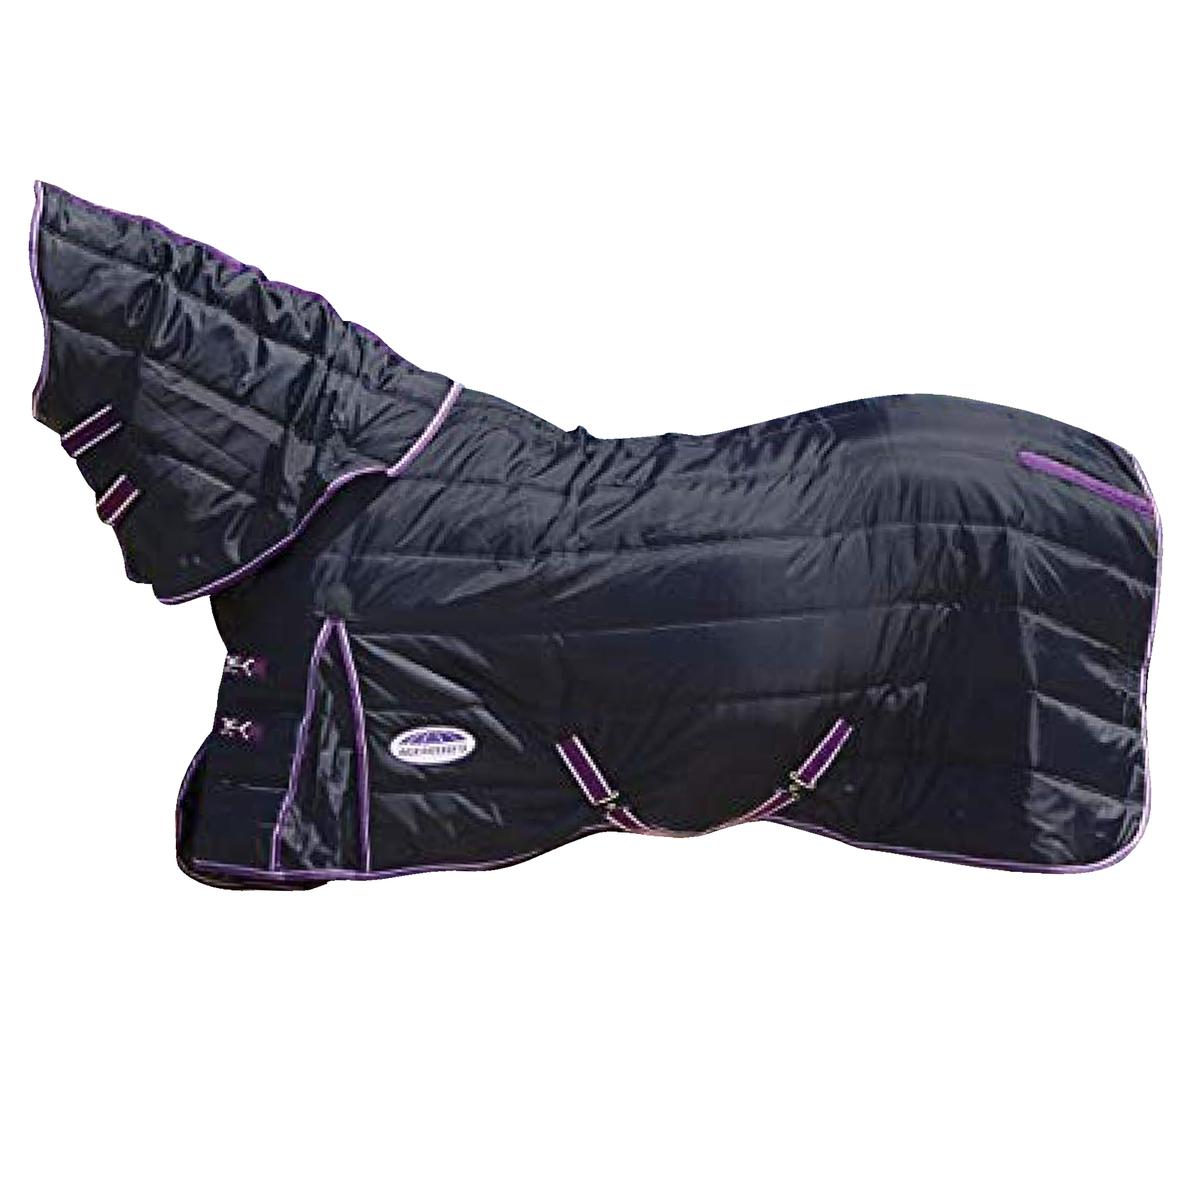 (ウェザビータ) Weatherbeeta 馬用 Comfitec ミディアム PP チェンネルキルト ネックが外せる ステーブルラグ 馬着 乗馬 ホースライディング 【海外直送】